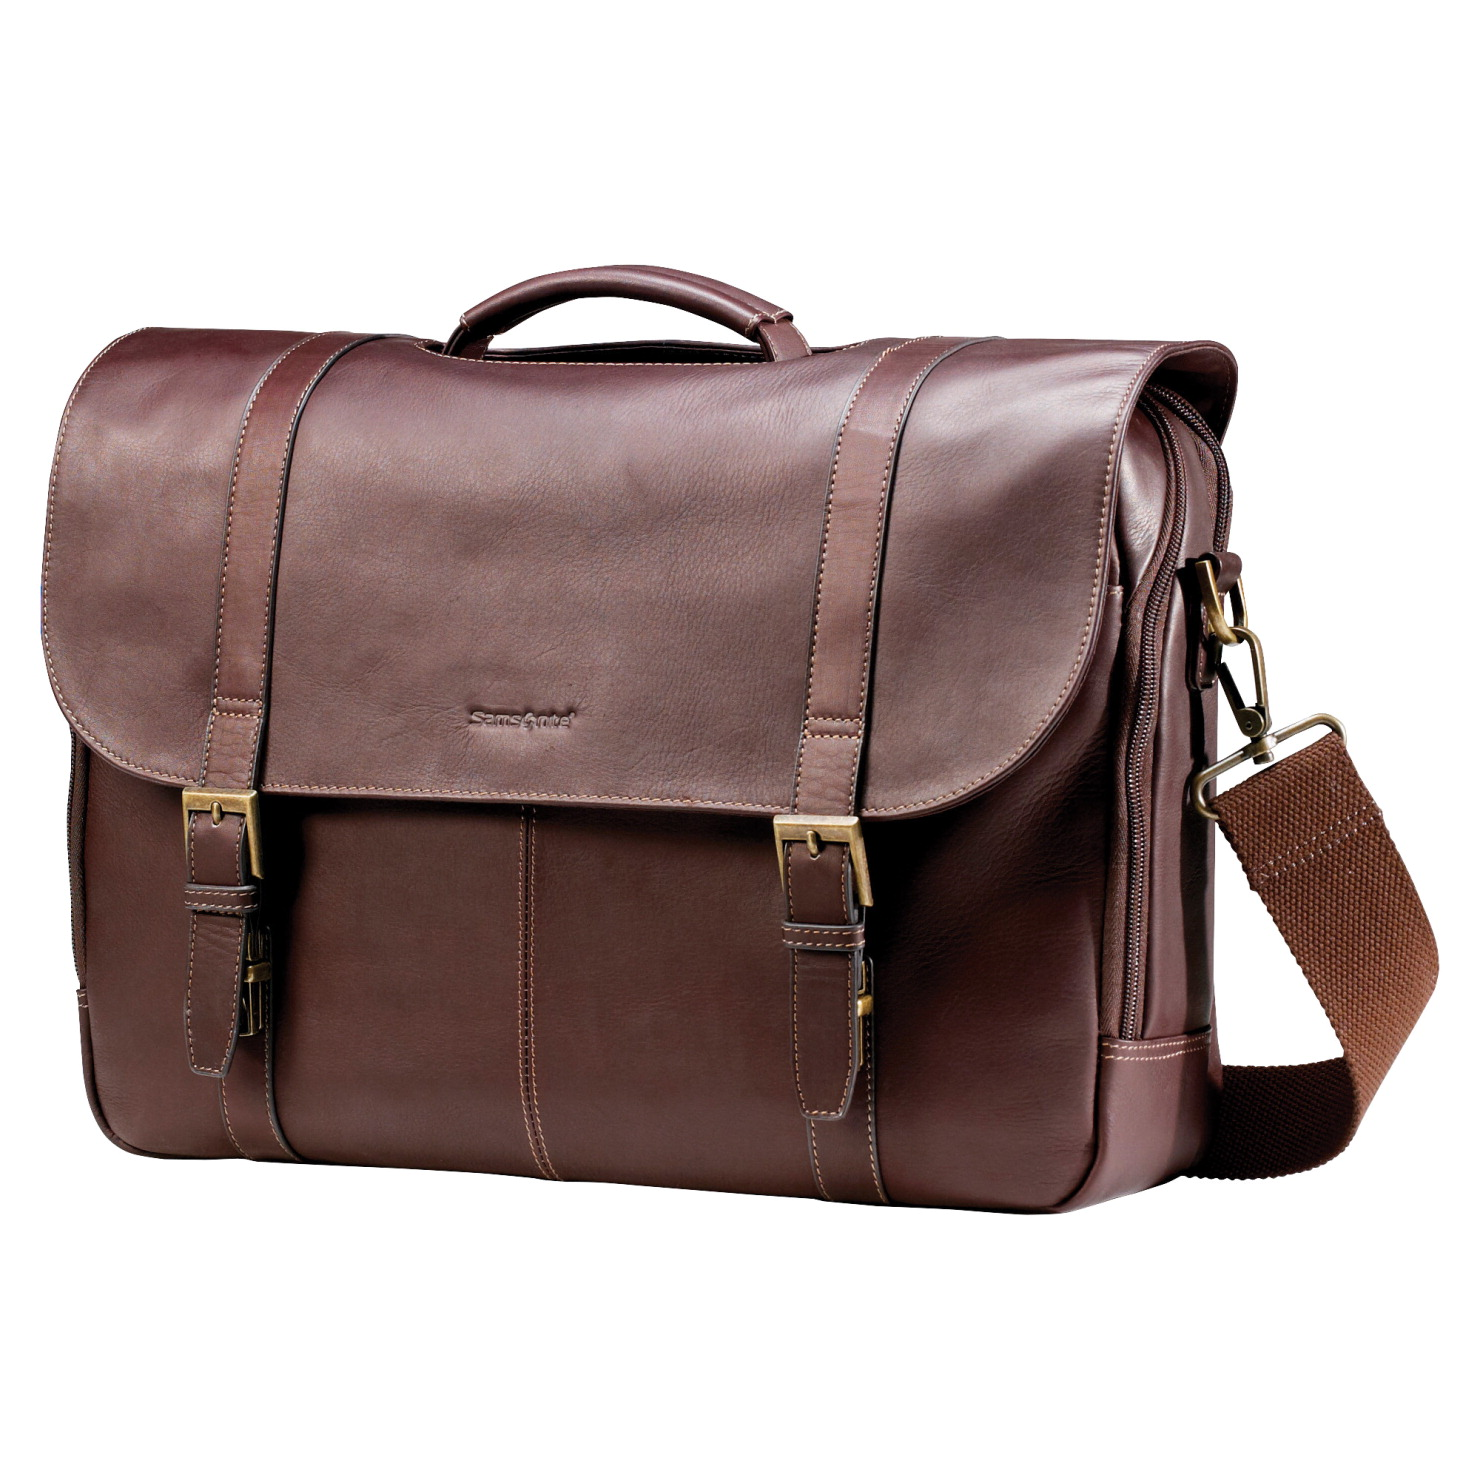 583c2445c76 Laptop Case - SOAR Life Products